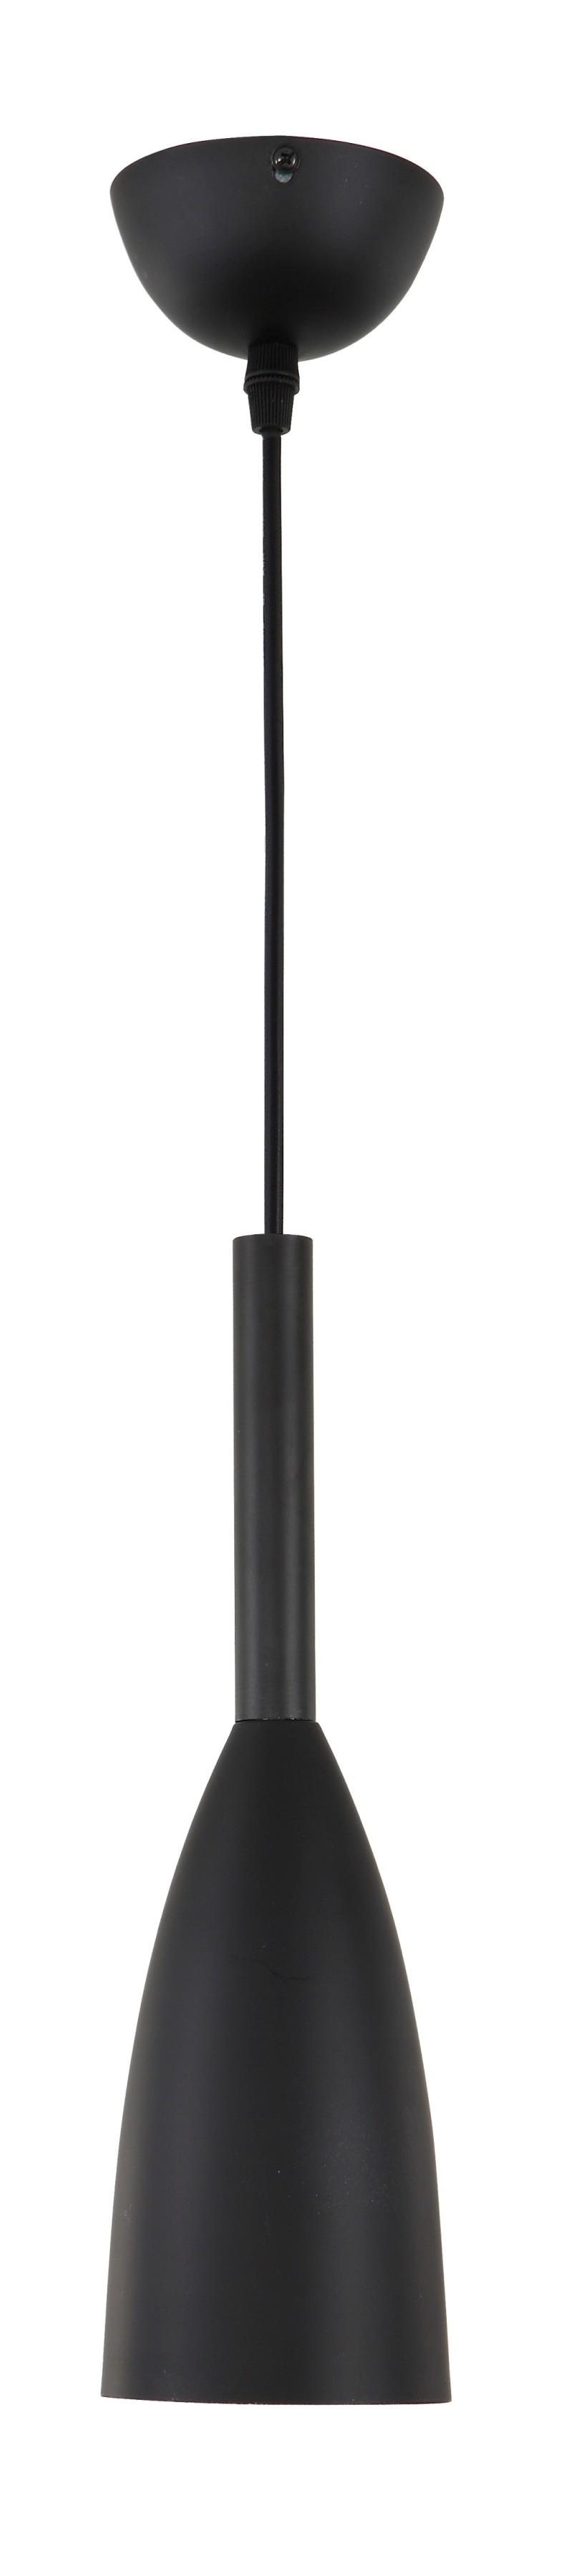 Lampa wisząca Solin czarna LP-181/1P BK - Light Prestige // Rabaty w koszyku i darmowa dostawa od 299zł !